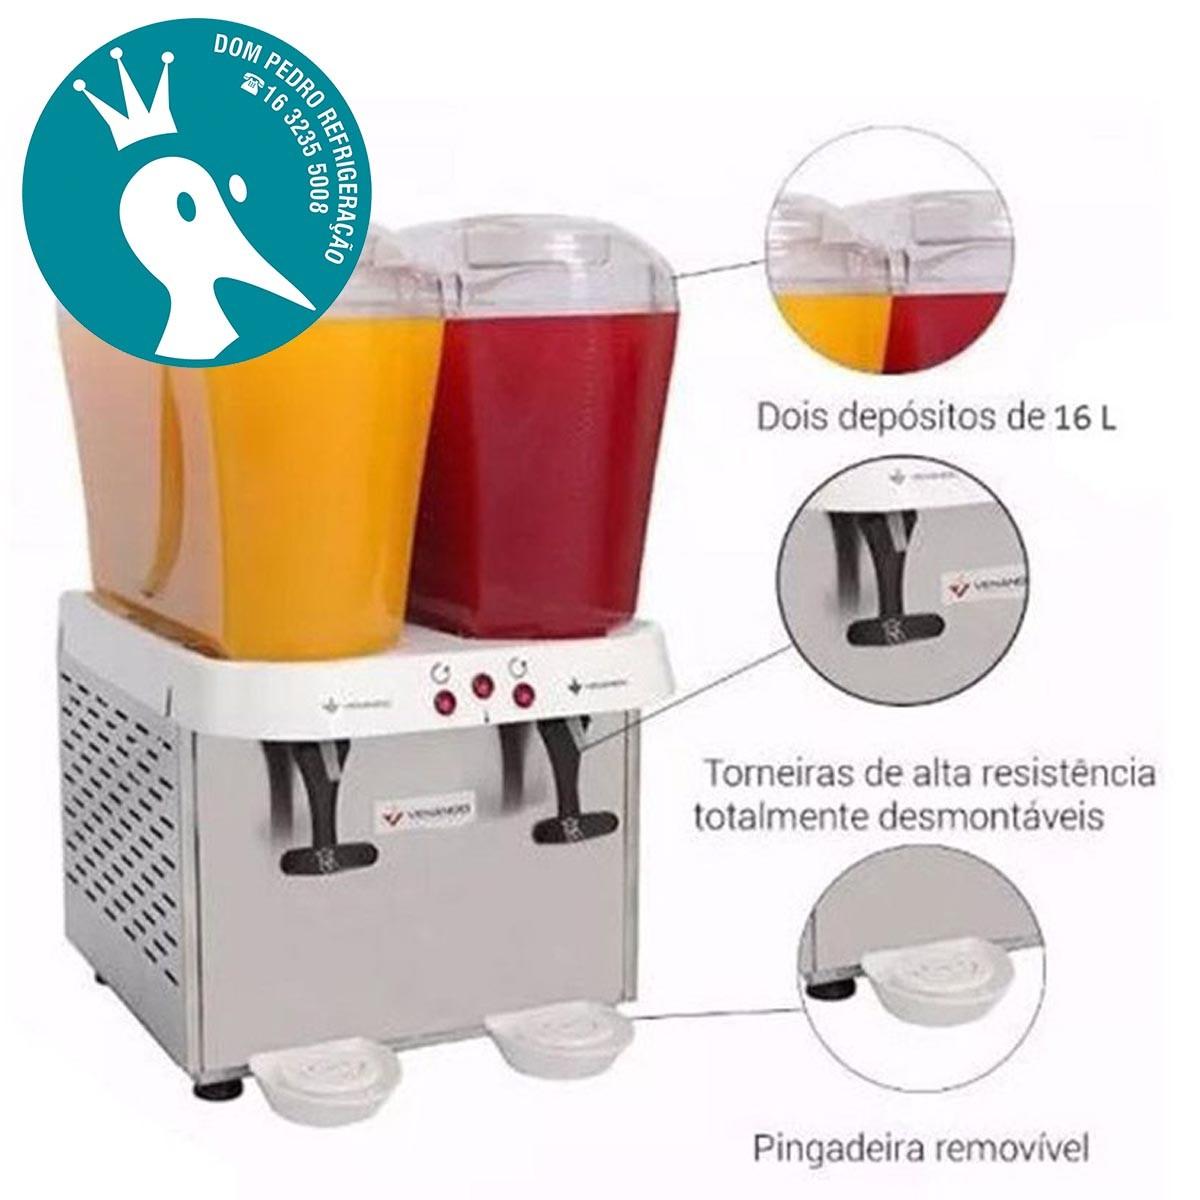 Refresqueira Venâncio com 2 Depósitos de 16 Litros RV216